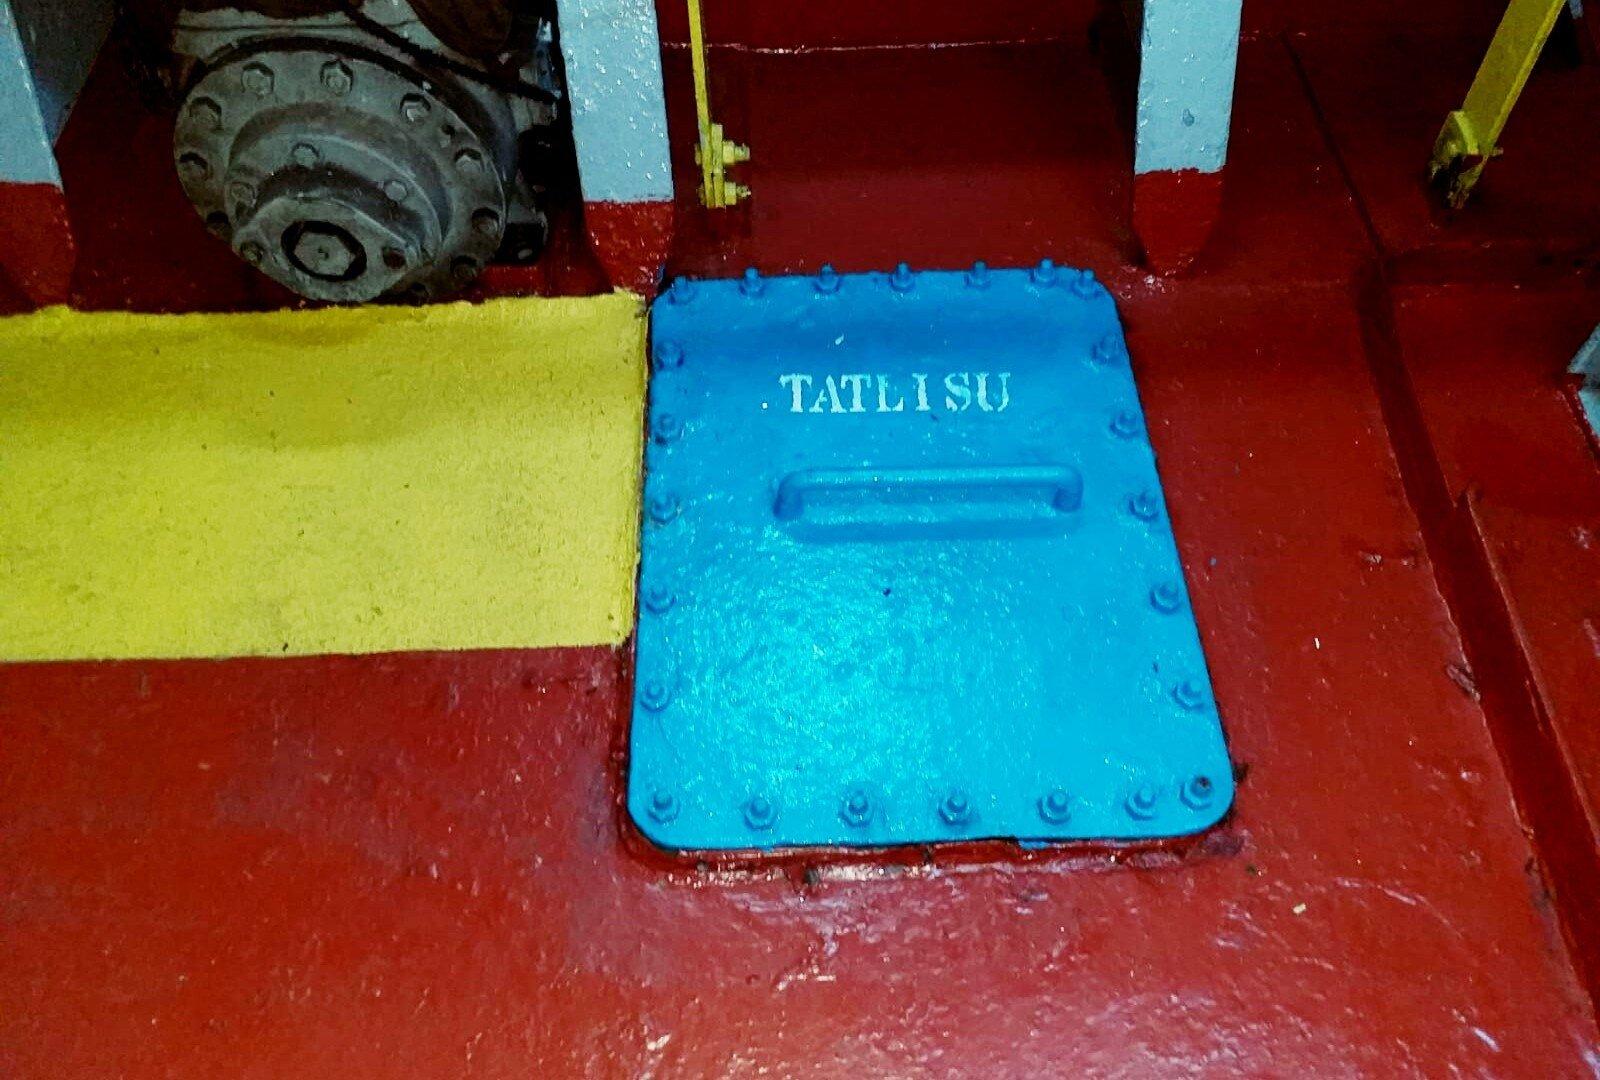 teknik-bilgiler, gemi-insaa-ve-stabilite - Gemilerde Tatlı Su Tankı ve Önemi - Gemilerde Tatlı Su Tankı ve İkmalde Dikkat Edilmesi Gerekenler